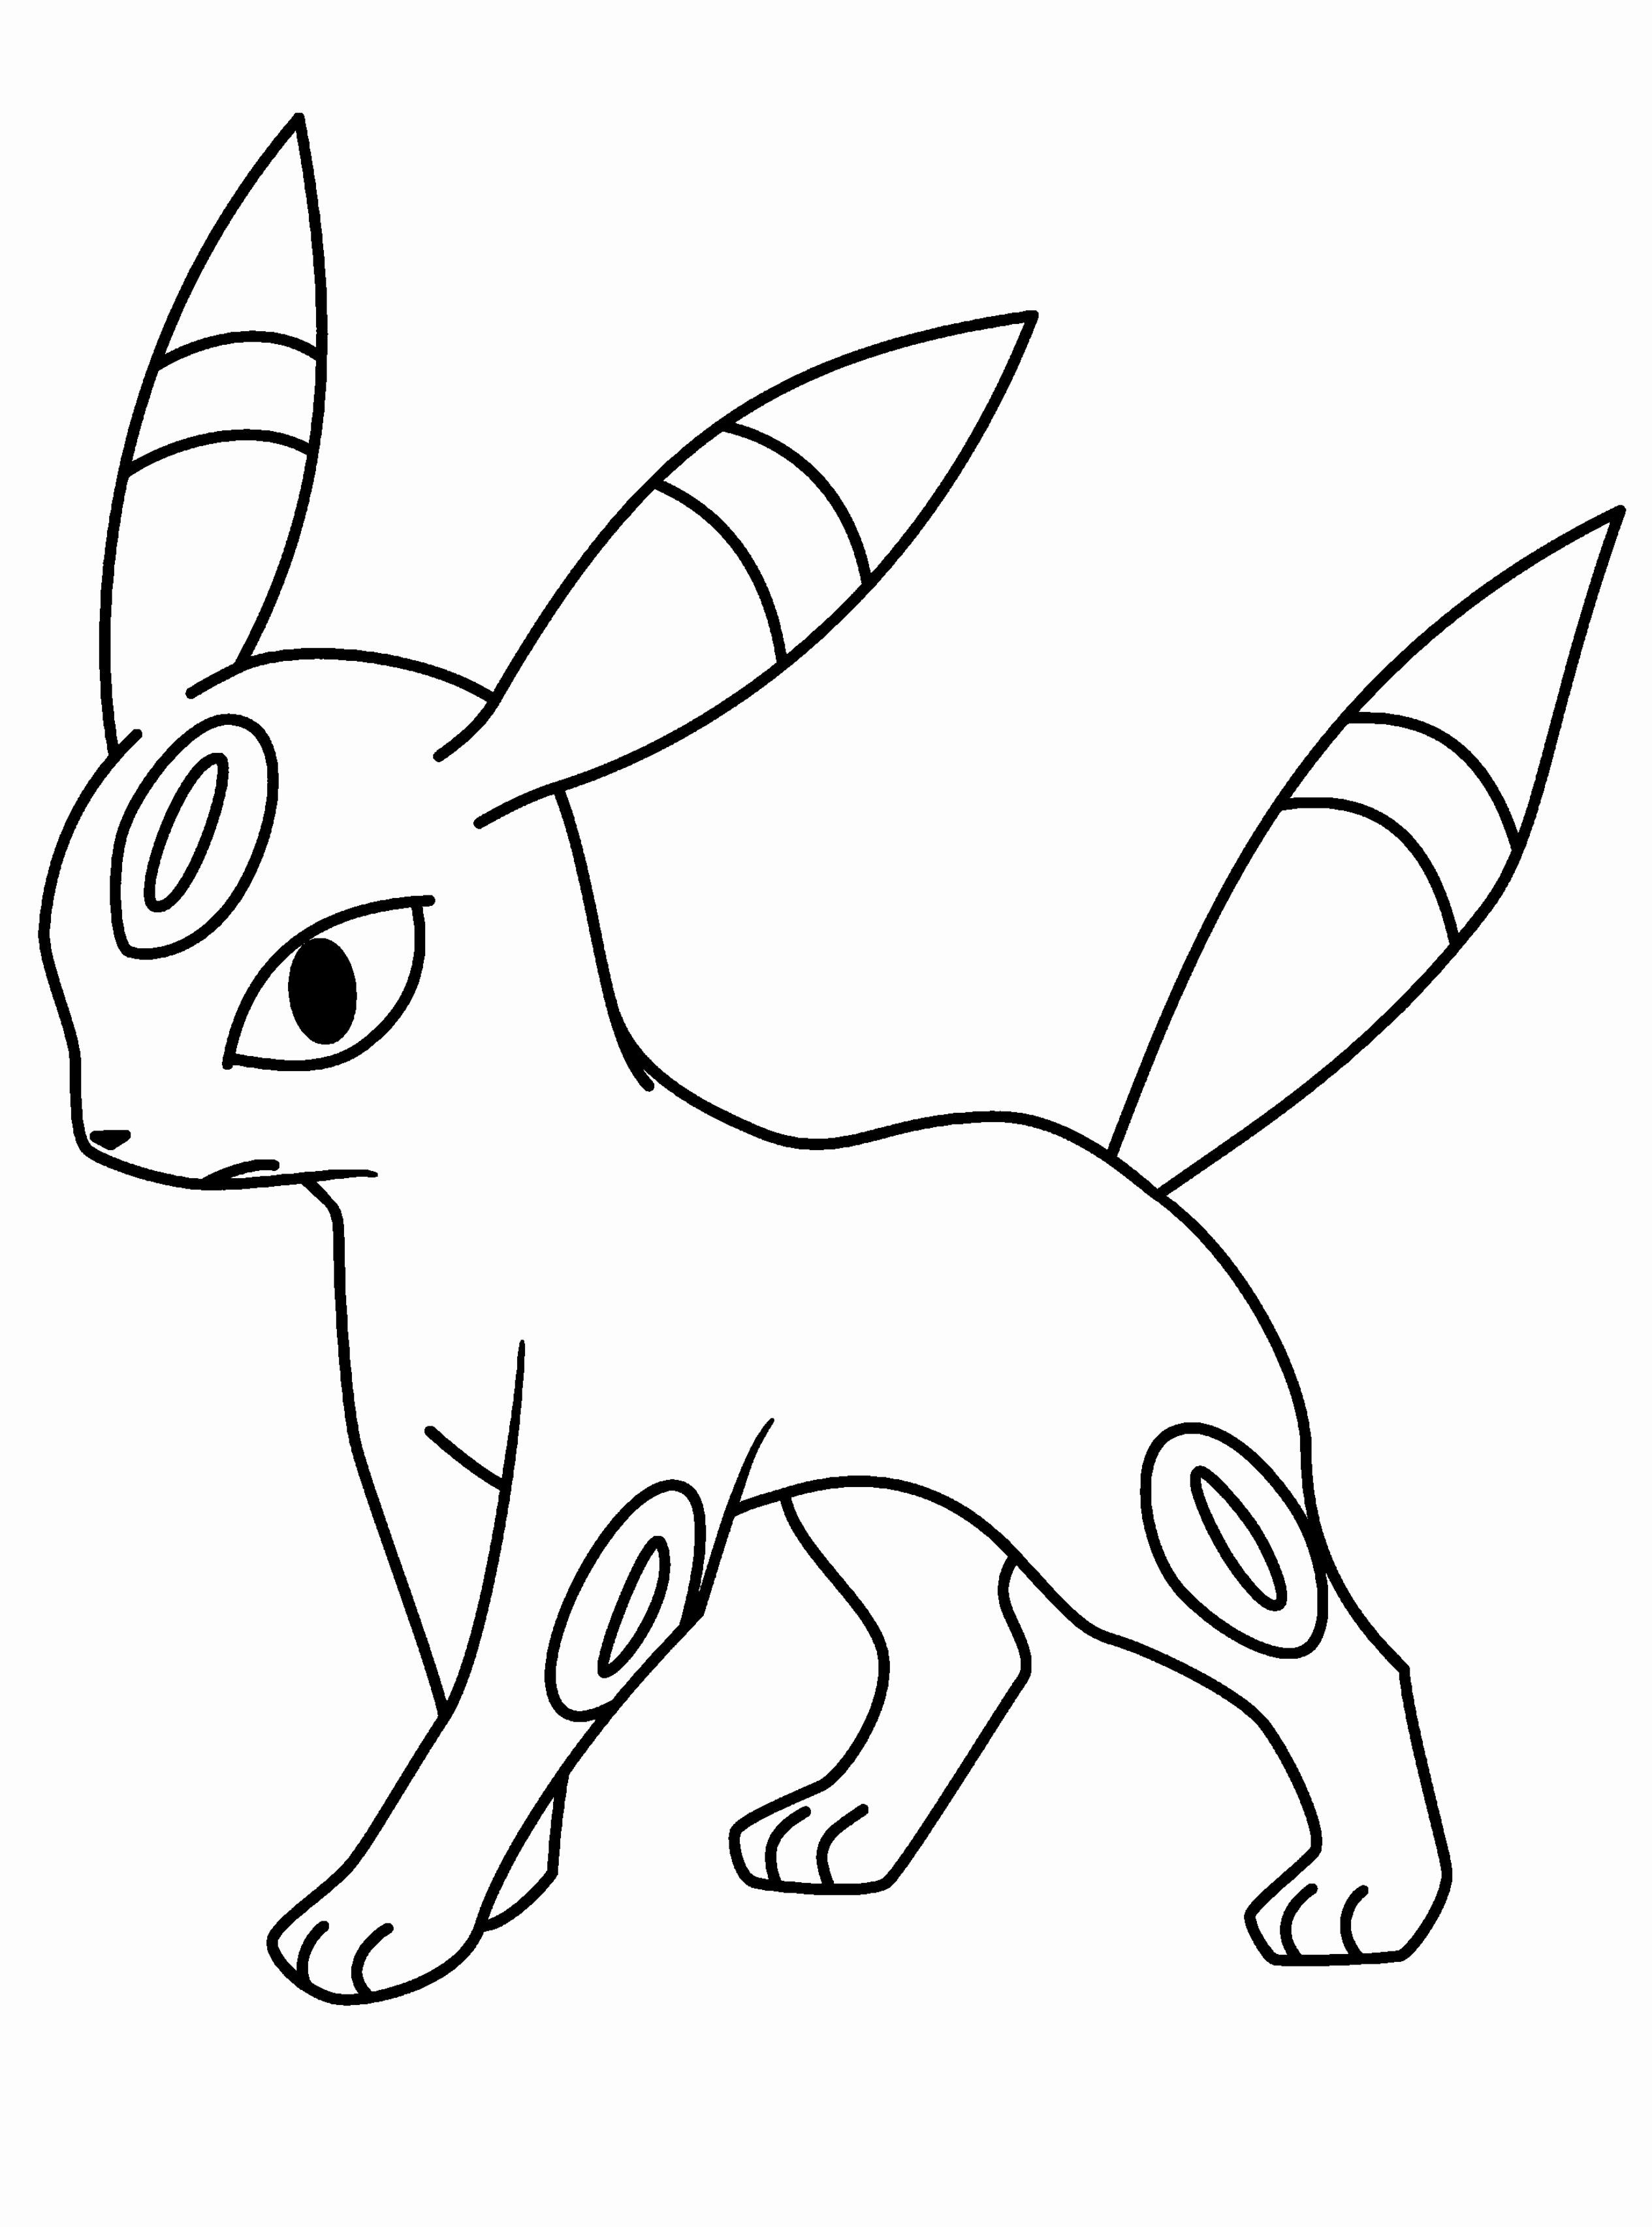 Pokemon Malvorlagen Zum Drucken Genial 41 Schön Bild Von Katzen Bilder Zum Ausdrucken Kostenlos Fotografieren